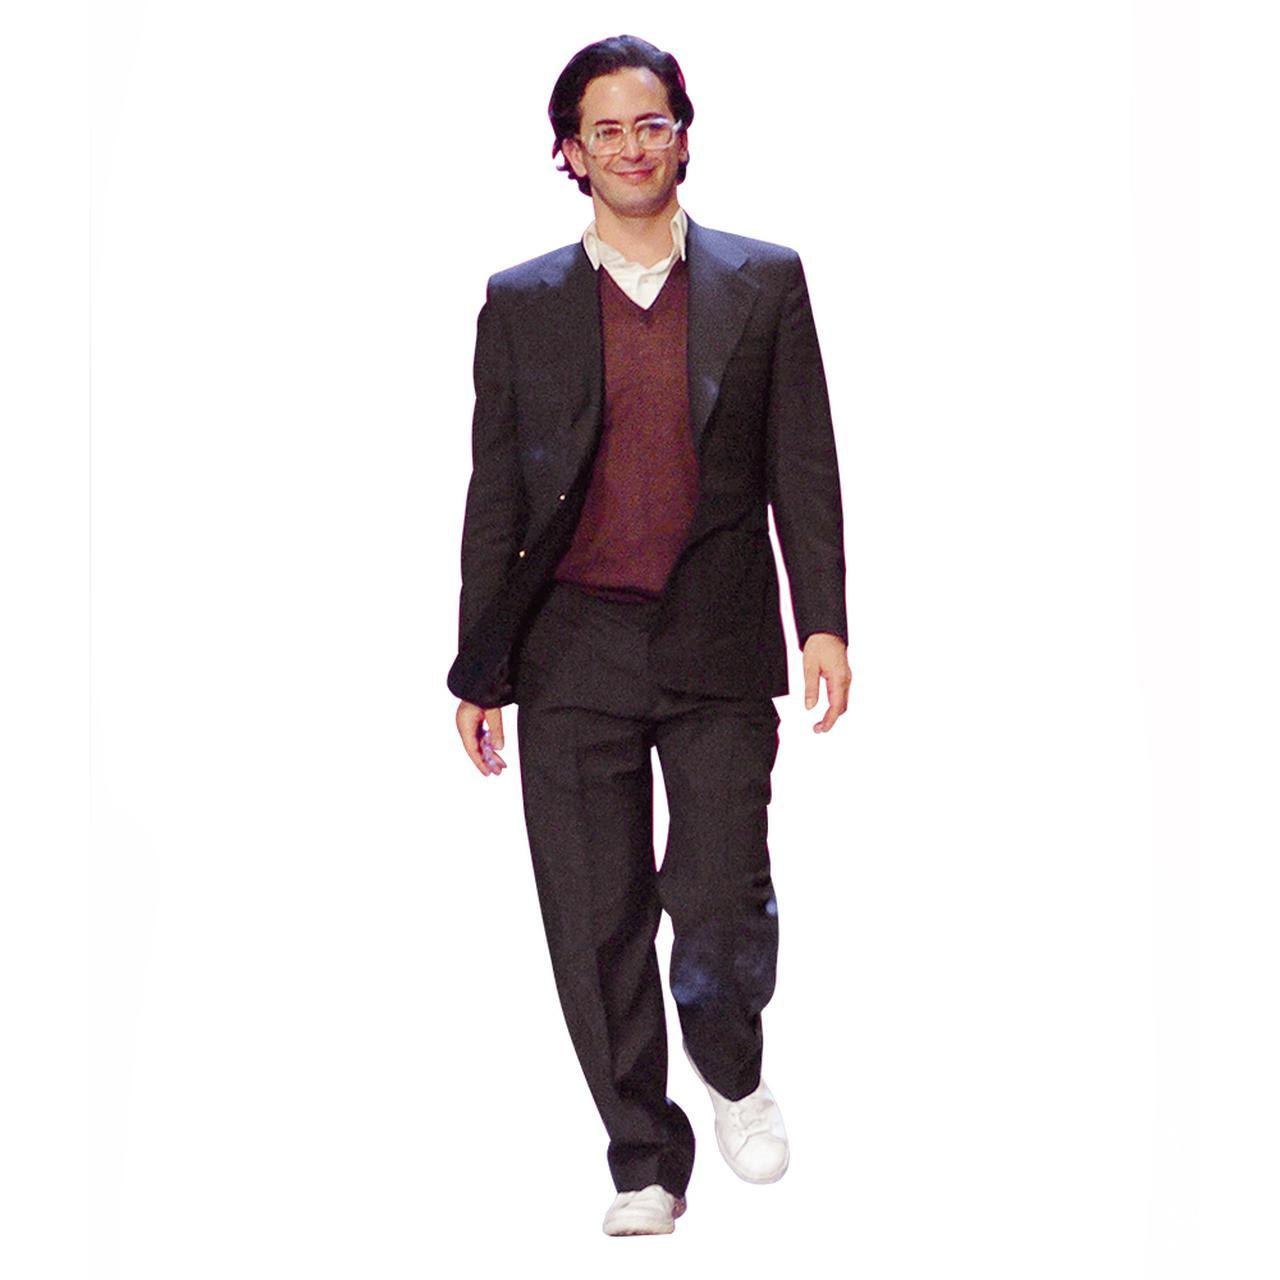 Images : ランウェイのラスト、挨拶のために登場したマーク・ジェイコブス